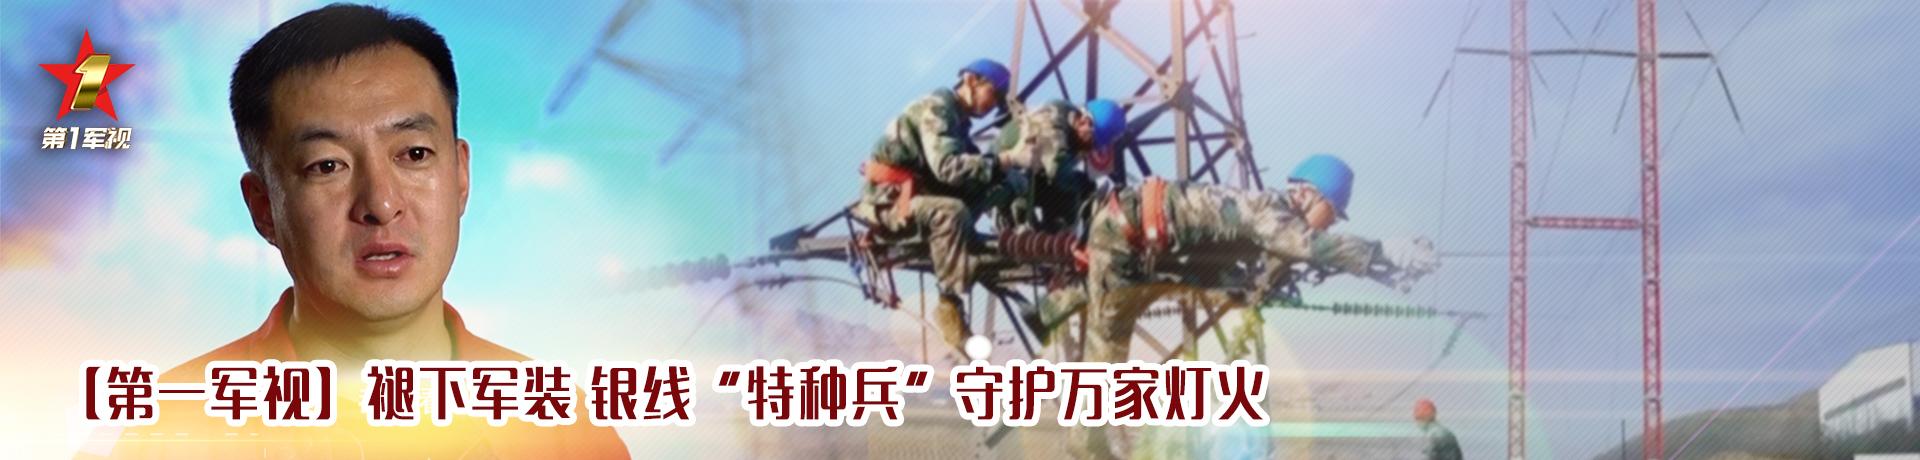 """【第一军视】褪下军装 银线""""特种兵""""守护万家灯火"""